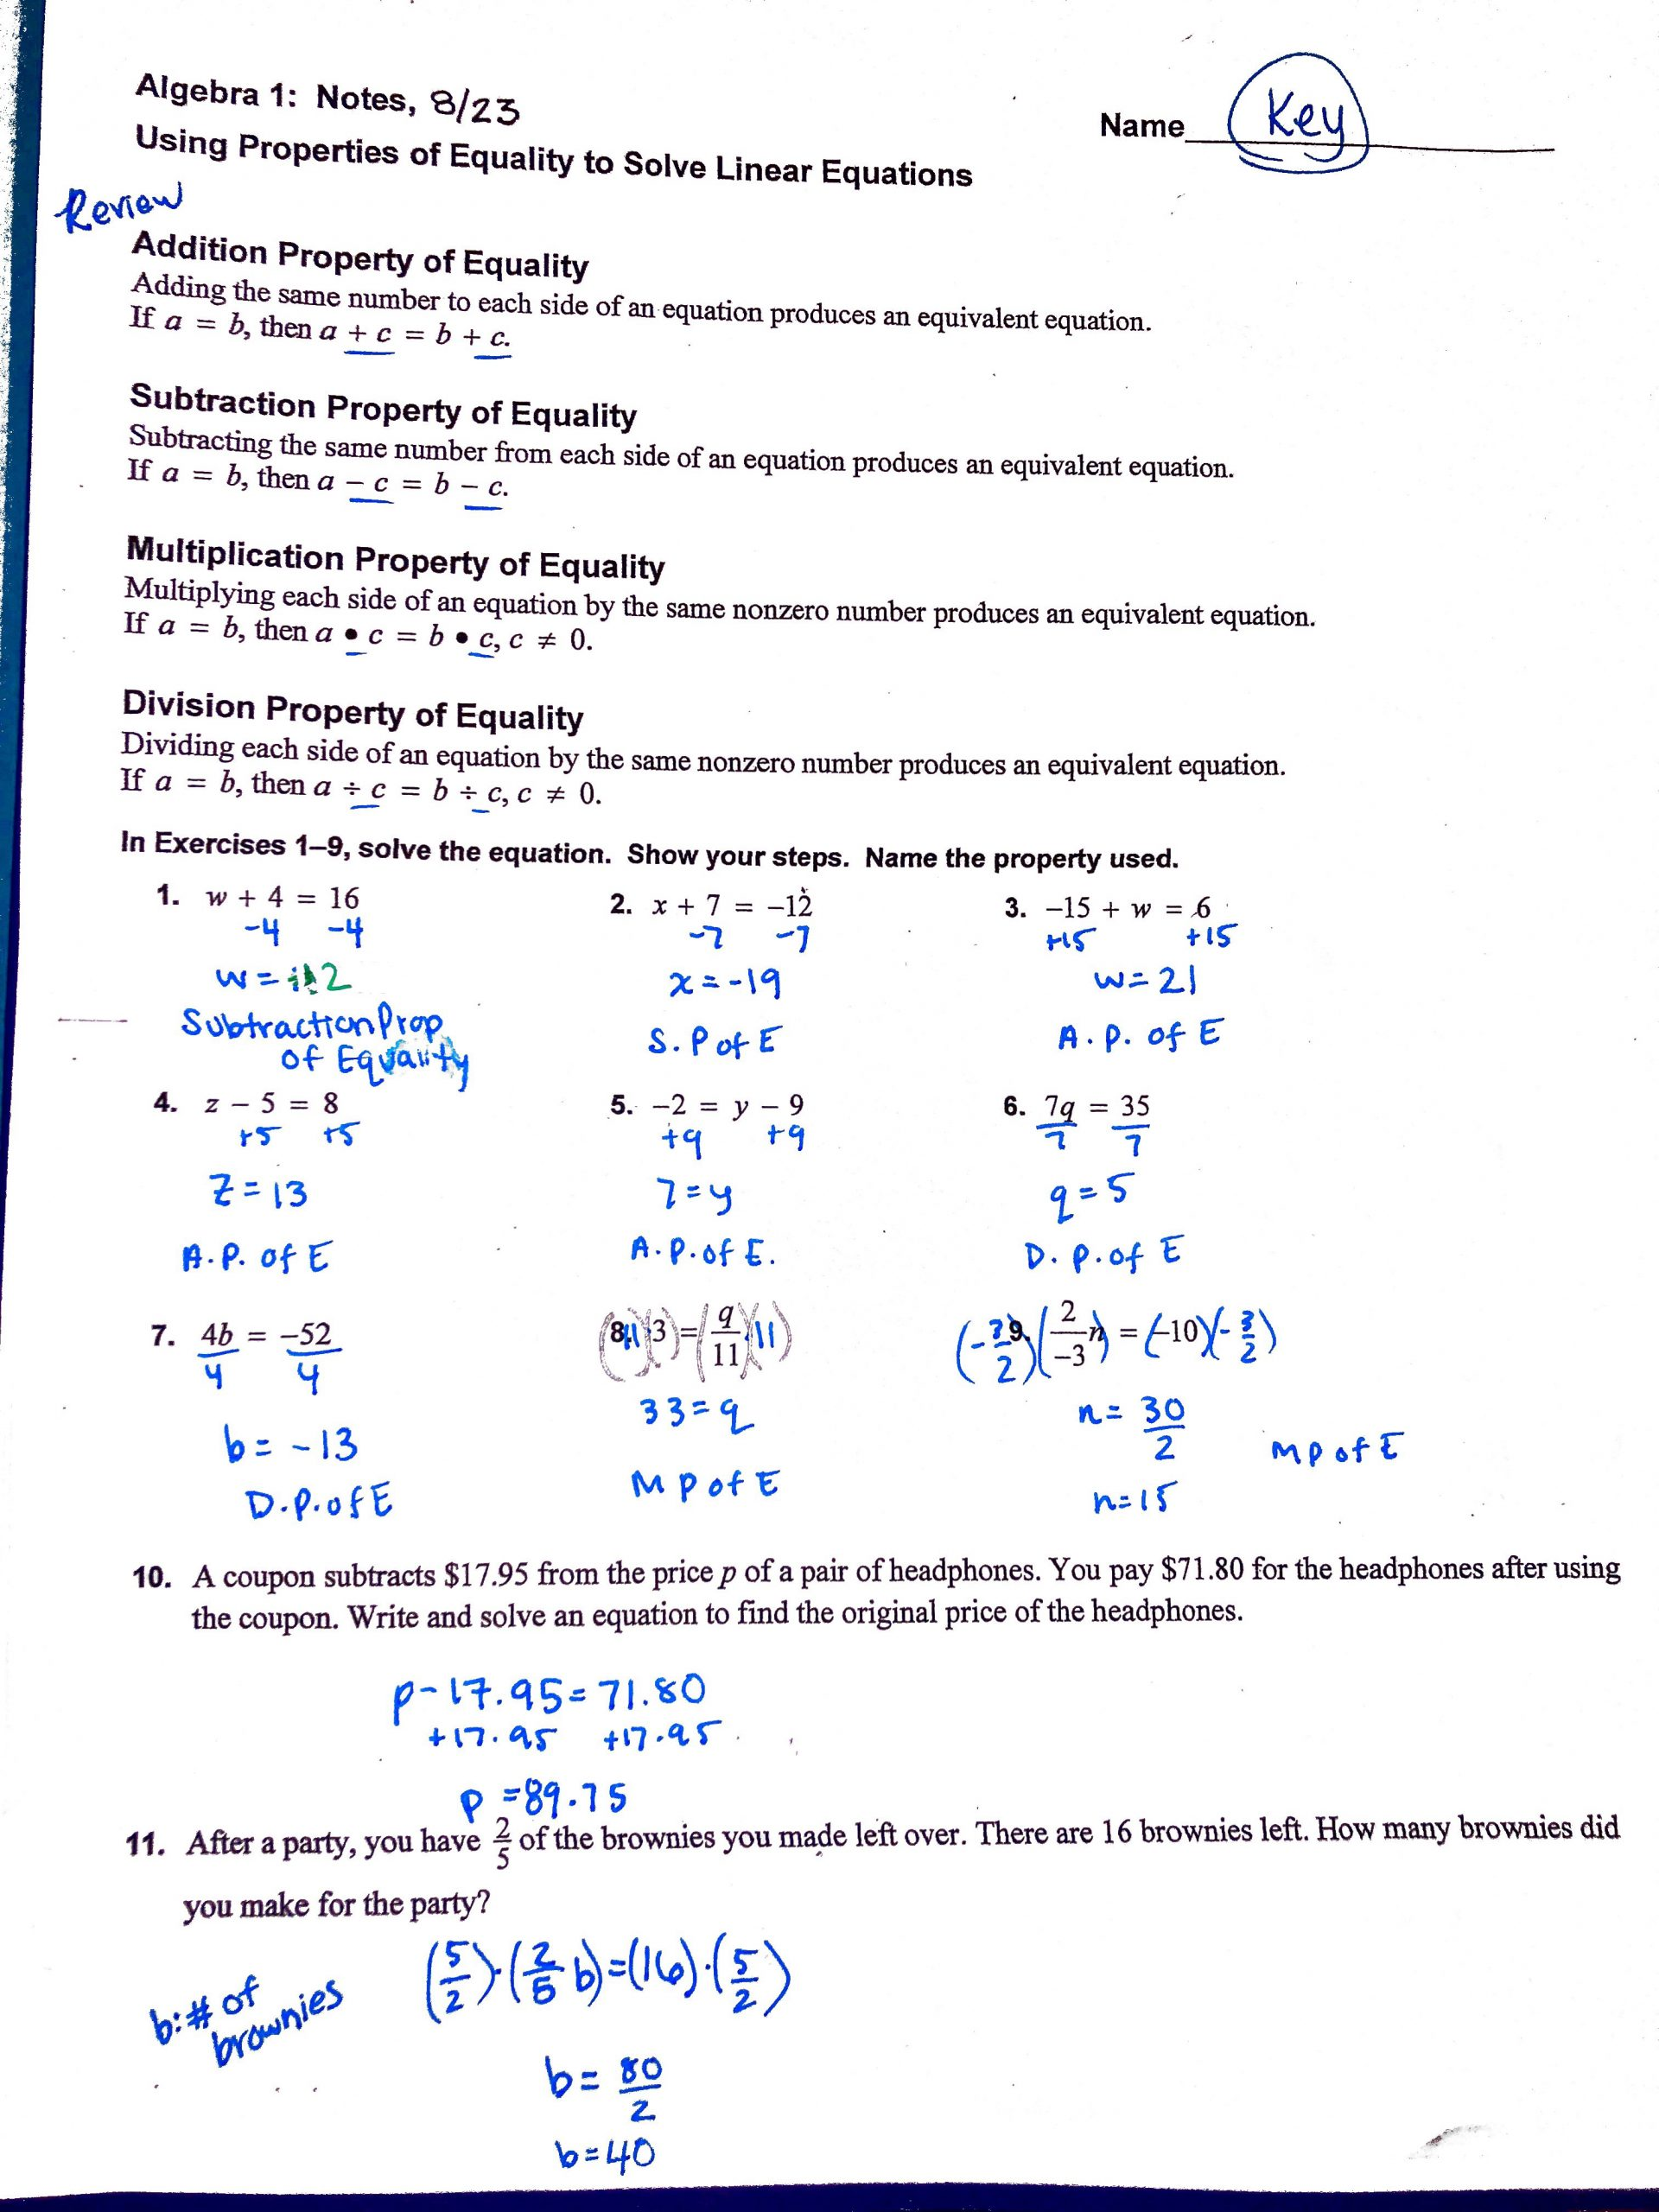 30 Algebra 1 Review Worksheet